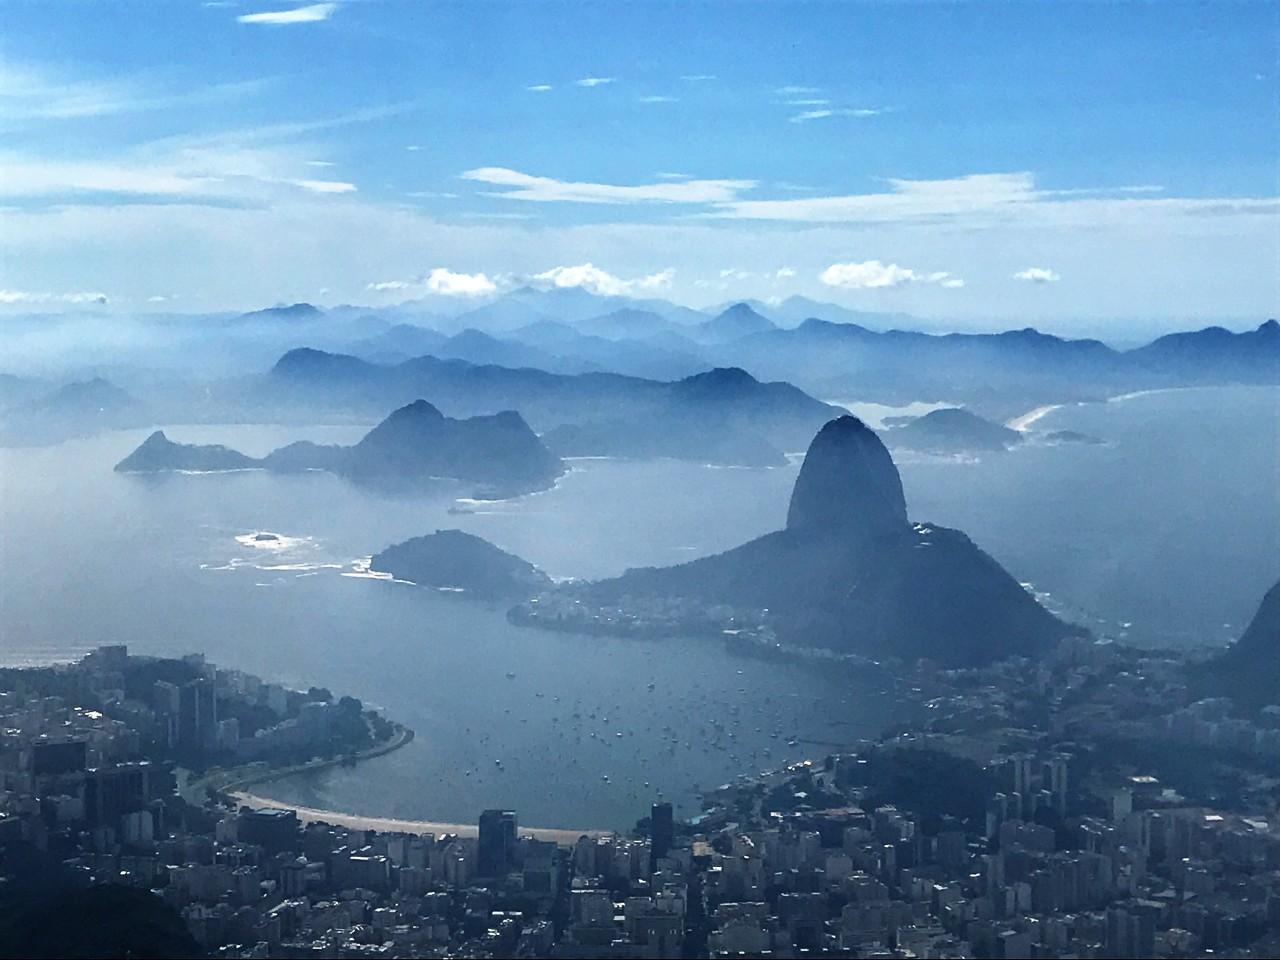 The Marvelous City of Rio deJaneiro